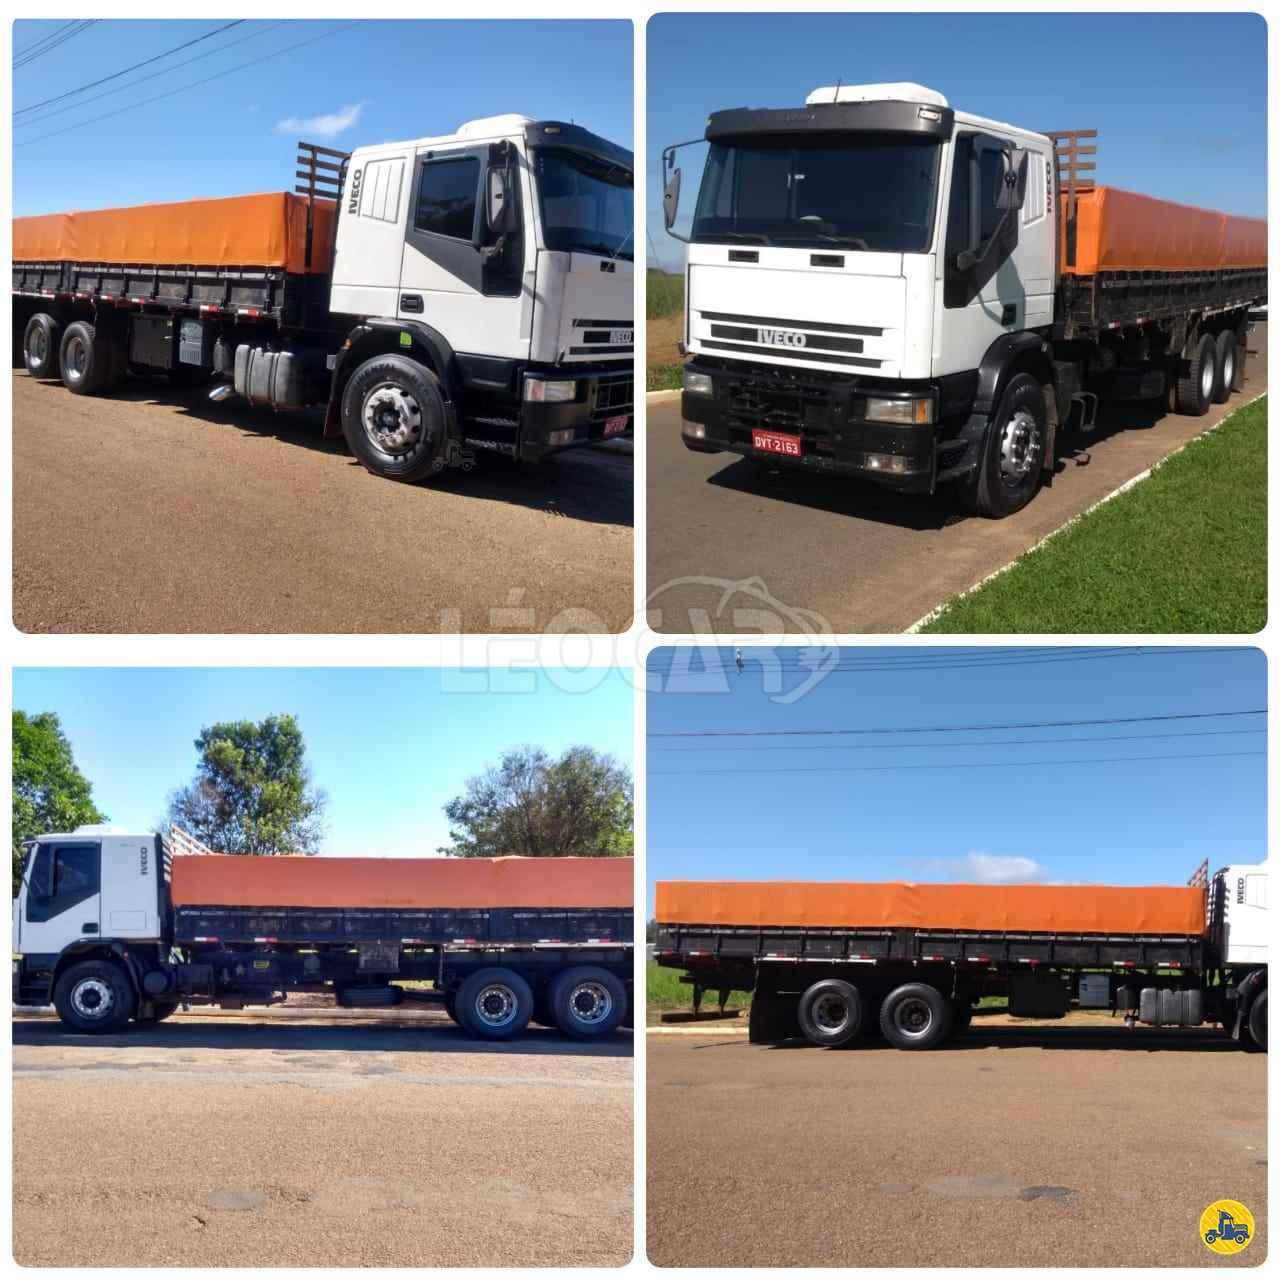 CAMINHAO IVECO ECCURSOR 450E32 Graneleiro Truck 6x2 Leocar Caminhões PRIMAVERA DO LESTE MATO GROSSO MT